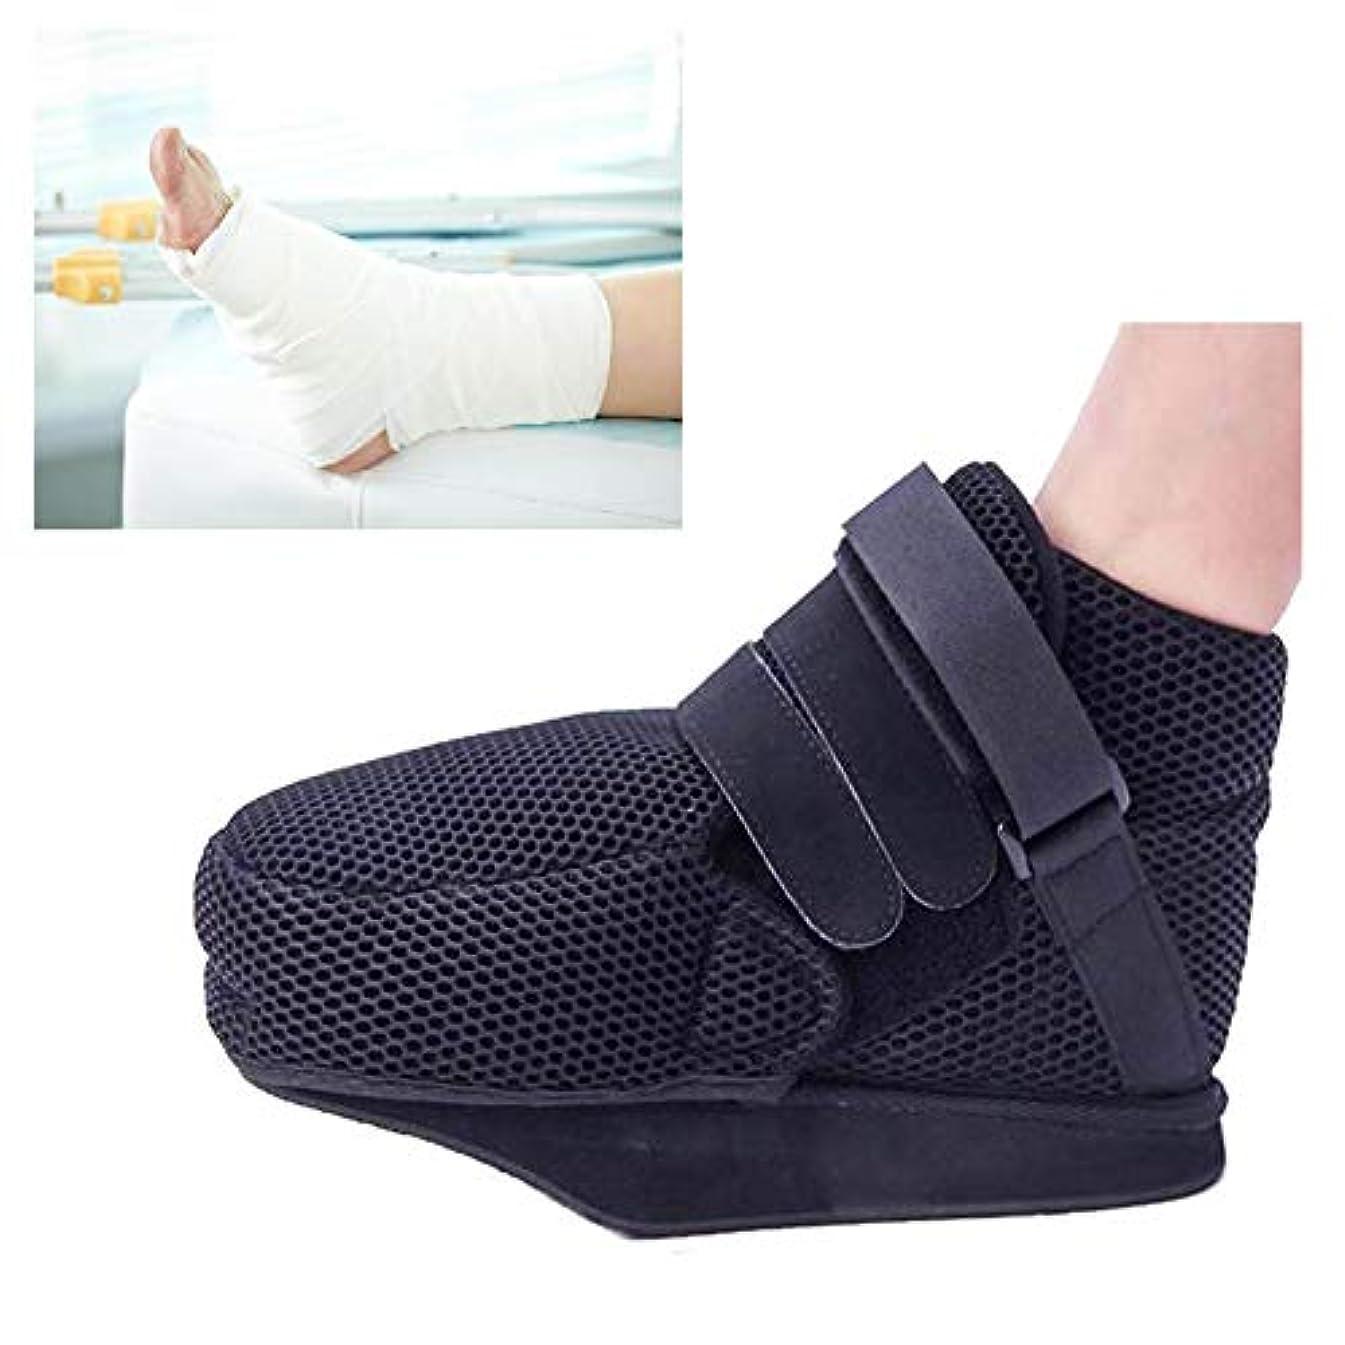 スクレーパー中古まどろみのある足の捻挫スタビライザーシューズキャスト石膏靴前足オフロードヒーリングシューズリハビリテーション関節捻挫骨折,XL2pcs